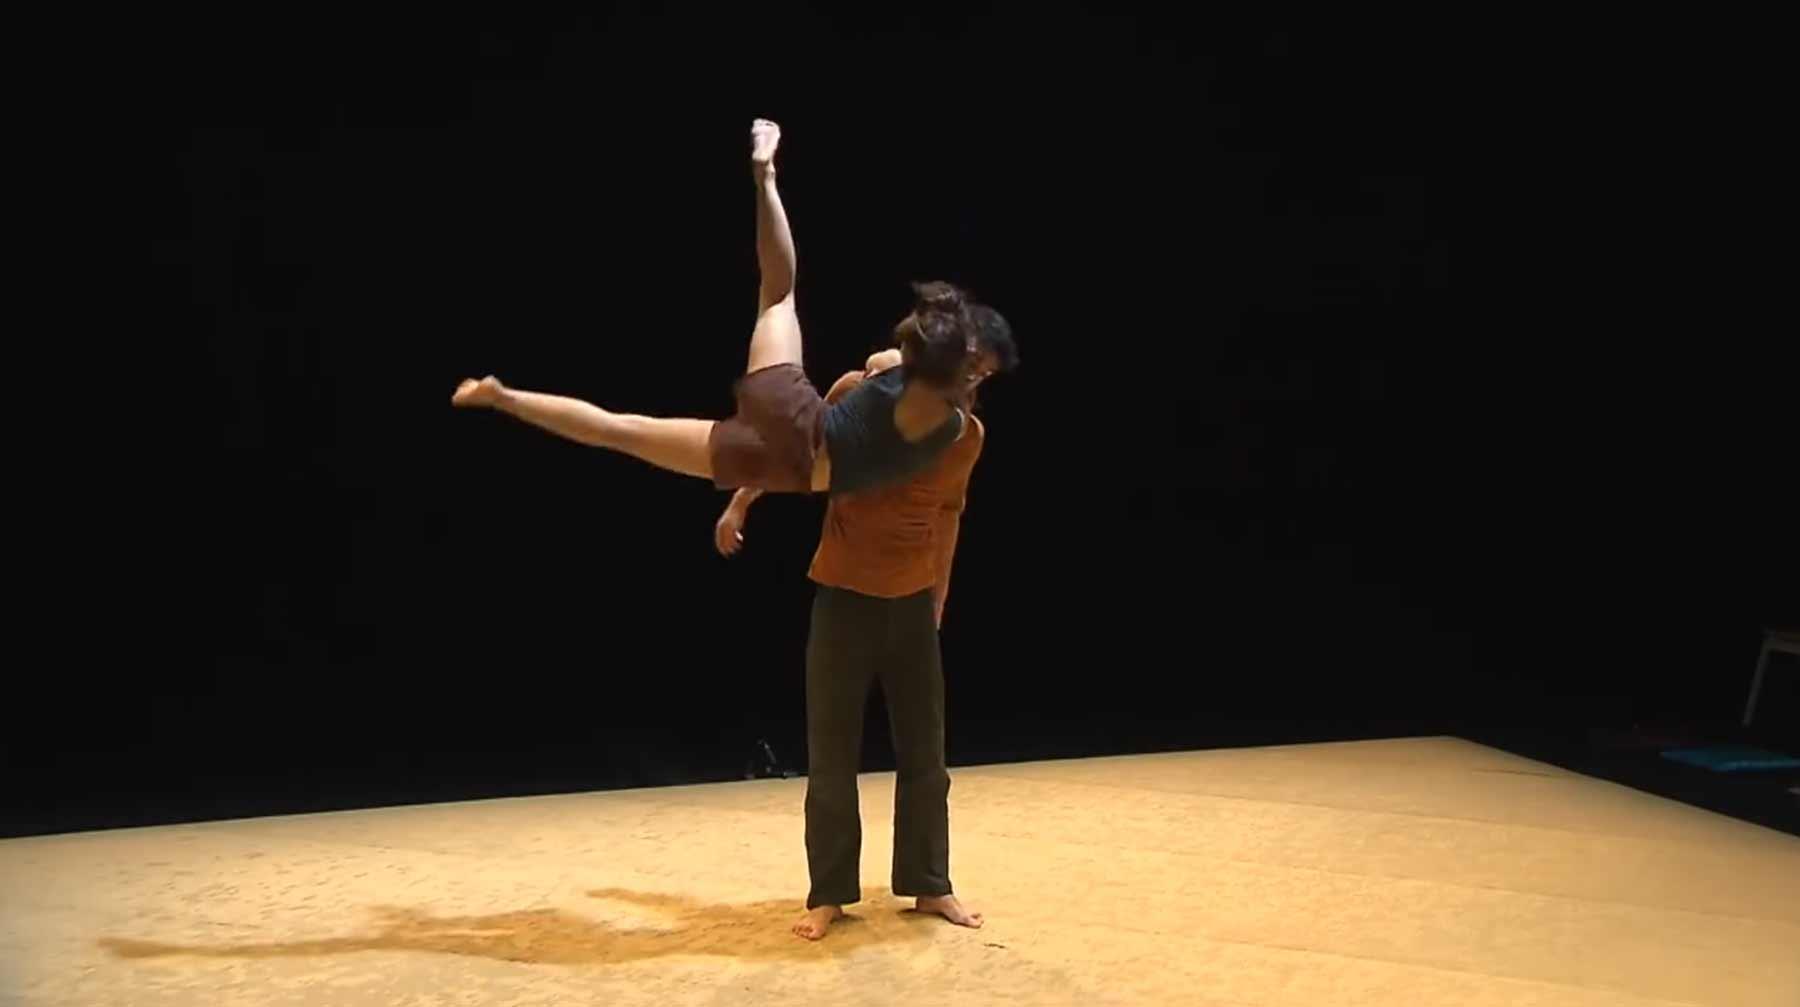 Der mit der flüssigen Frau tanzt Justine-Berthillot-et-Frederi-Vernier-dance-Noos